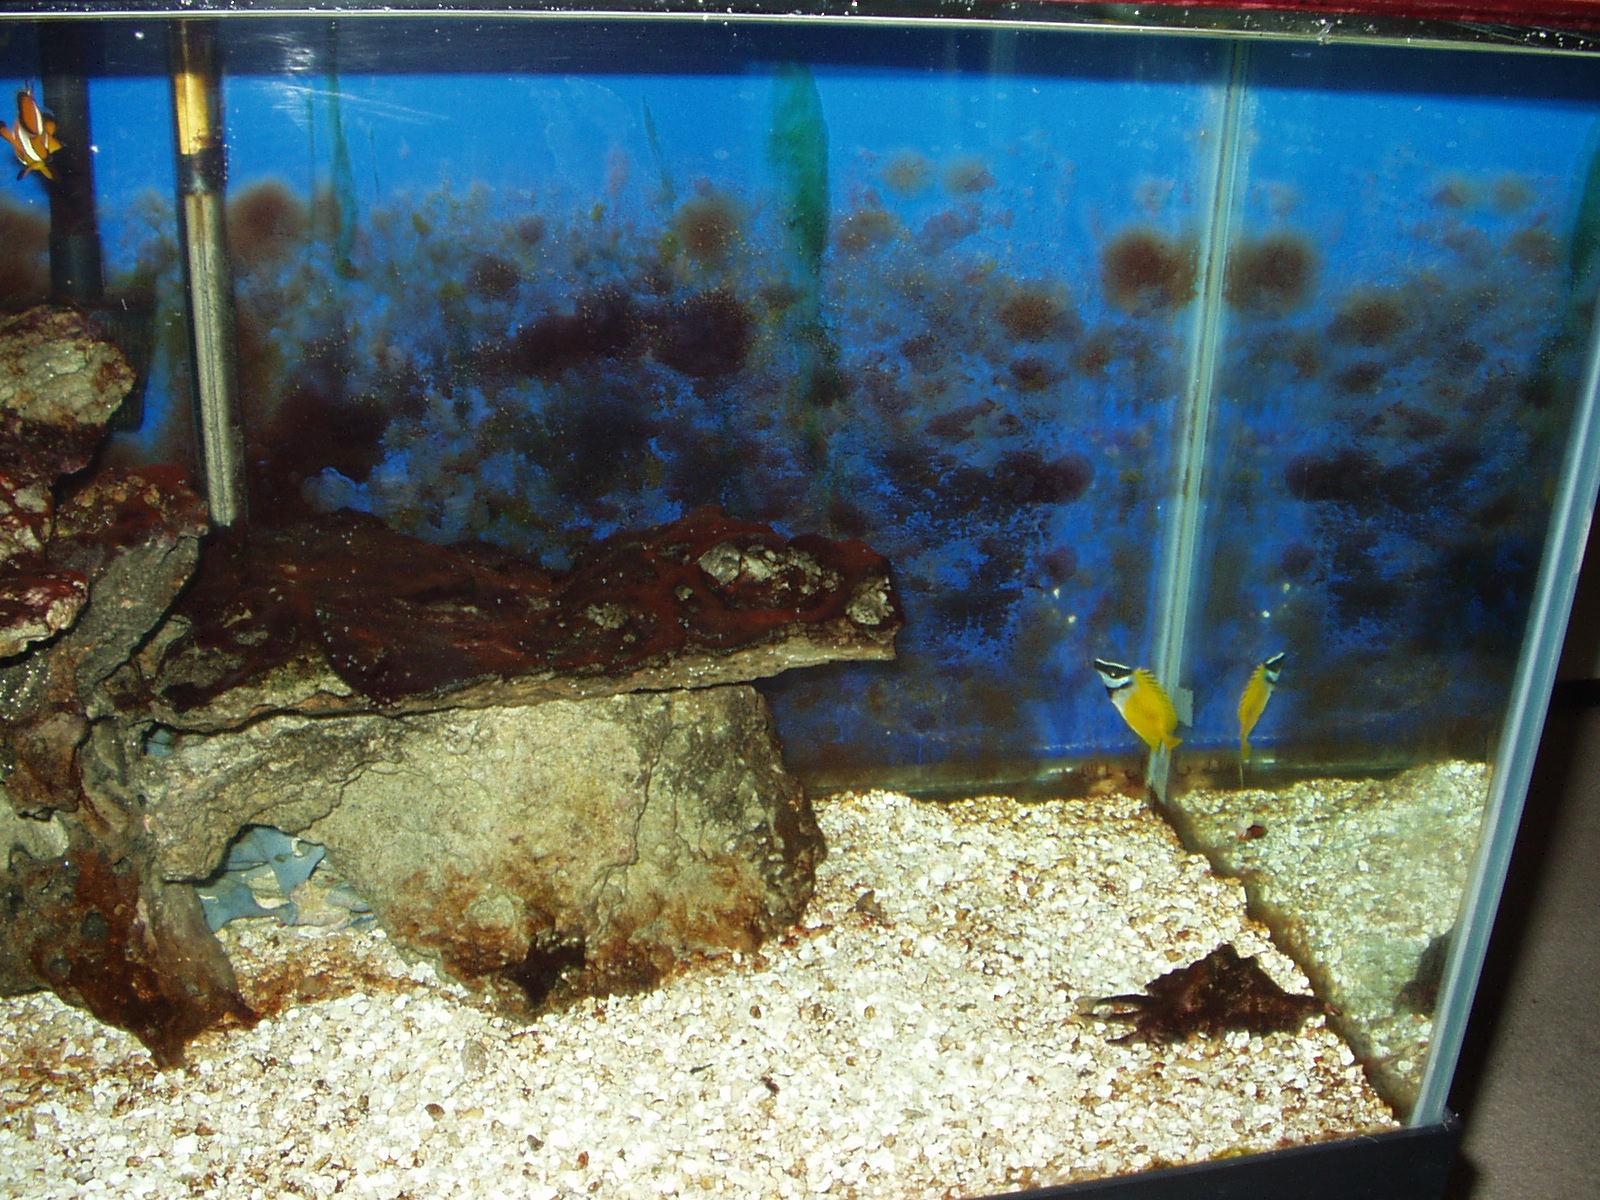 Aquarium Algae Control How I Got Rid Of Nuisance Algae In